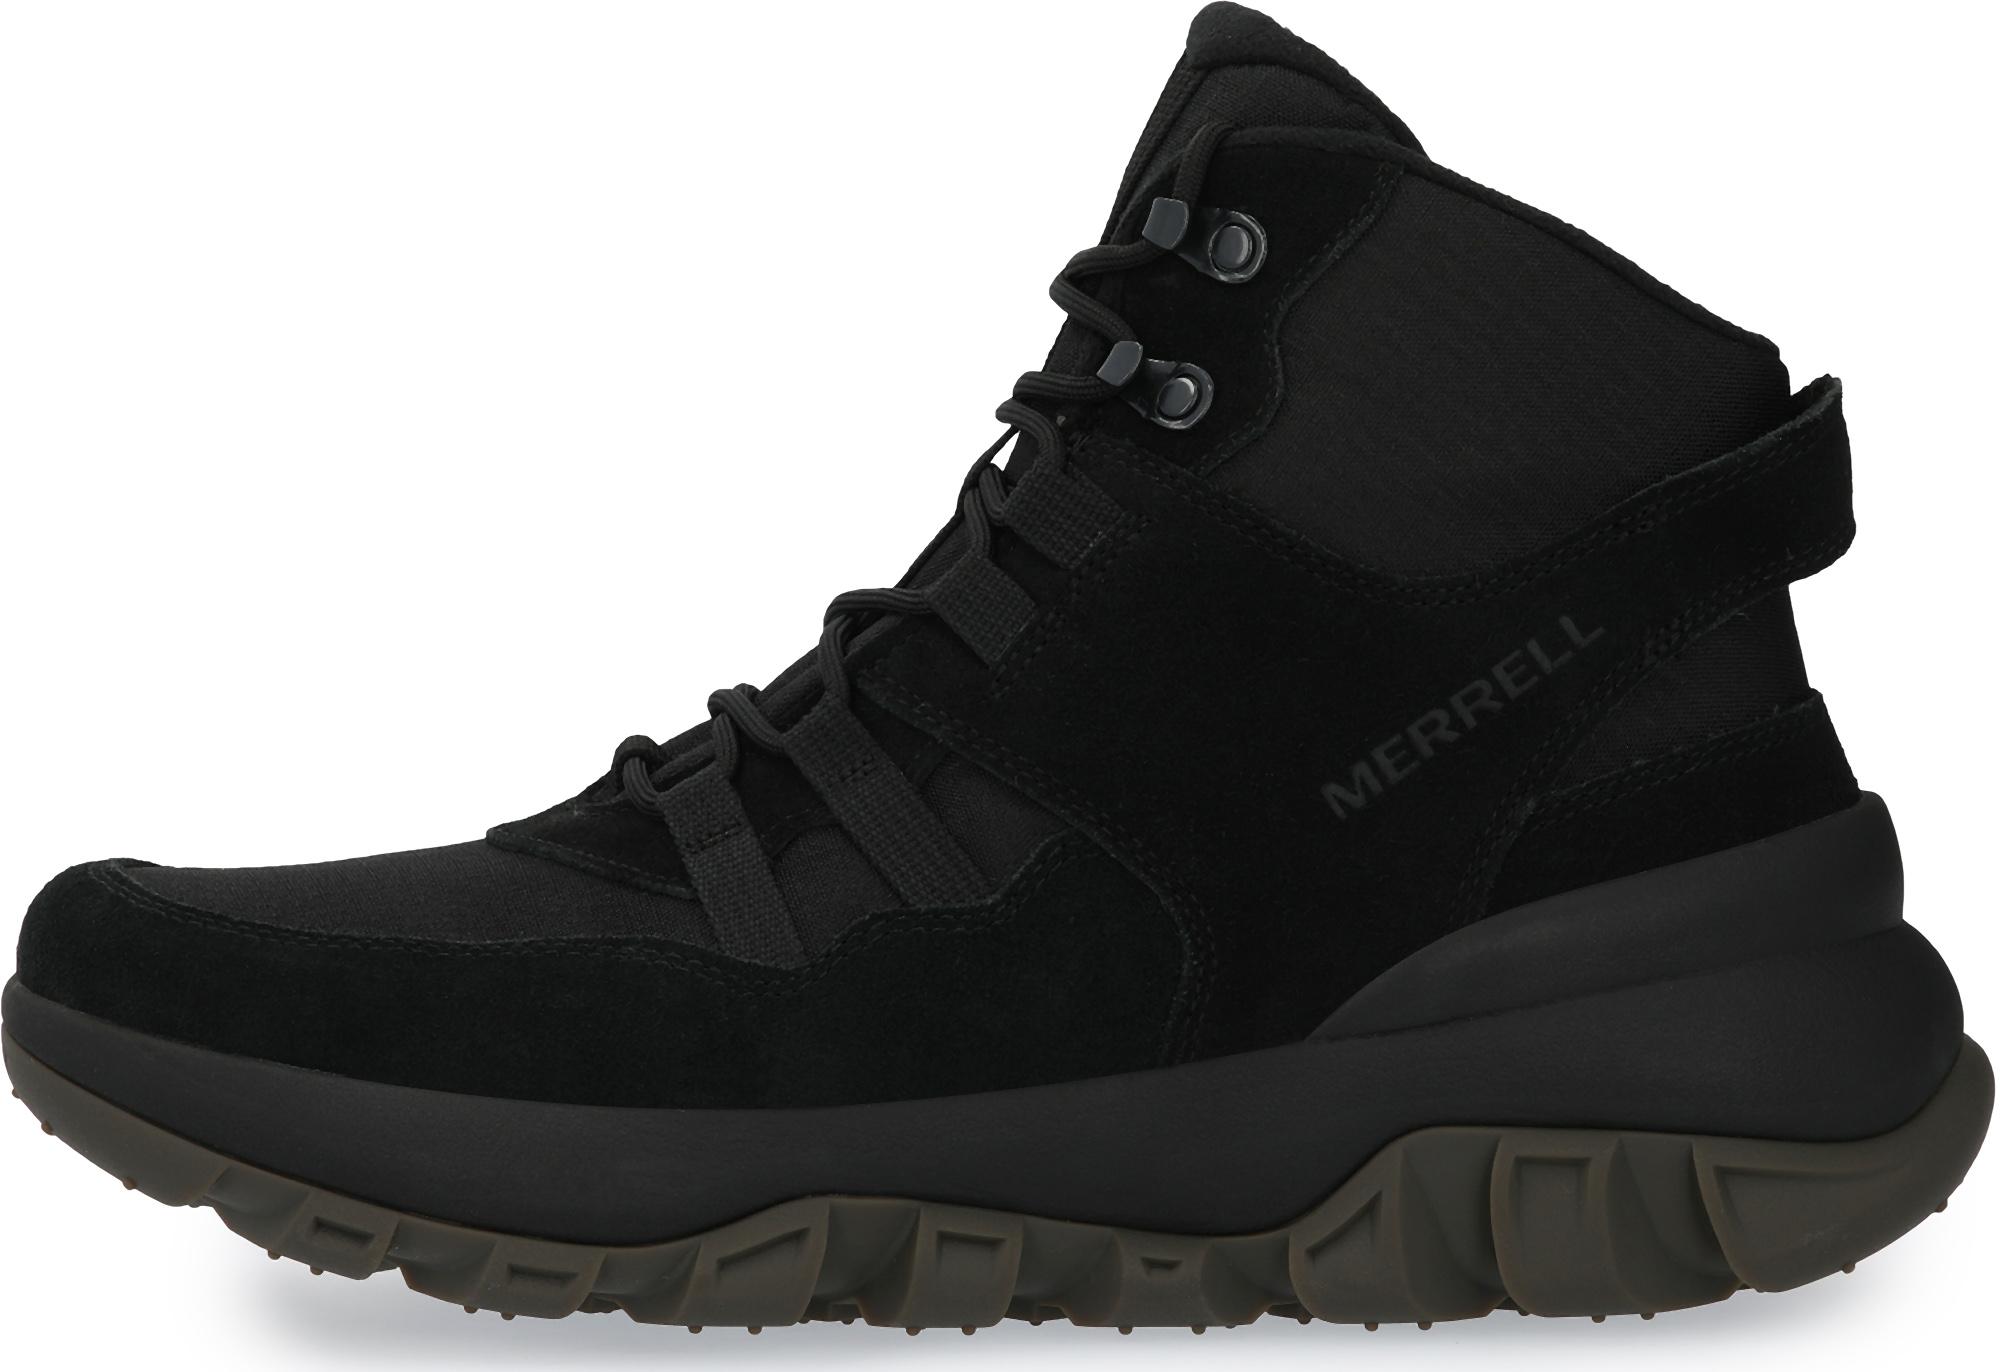 Merrell Ботинки утепленные мужские Merrell Atb MID Plr WP, размер 41 merrell ботинки мужские merrell forestbound wp размер 43